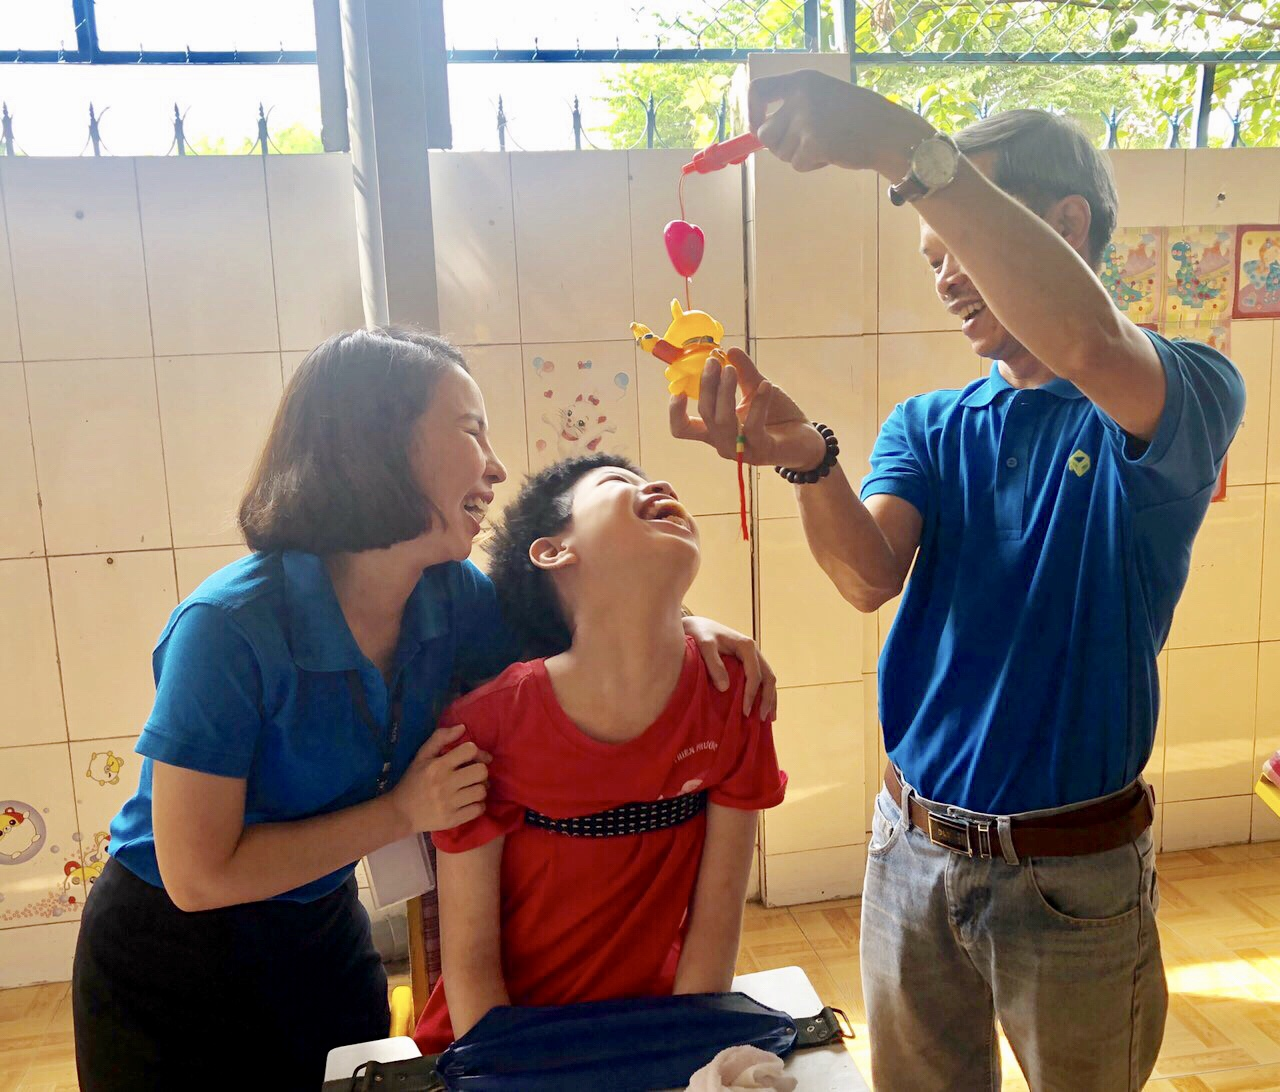 Tập đoàn Novaland góp phần tô đẹp ký ức tuổi thơ về một trung thu ấm áp  - Ảnh 1